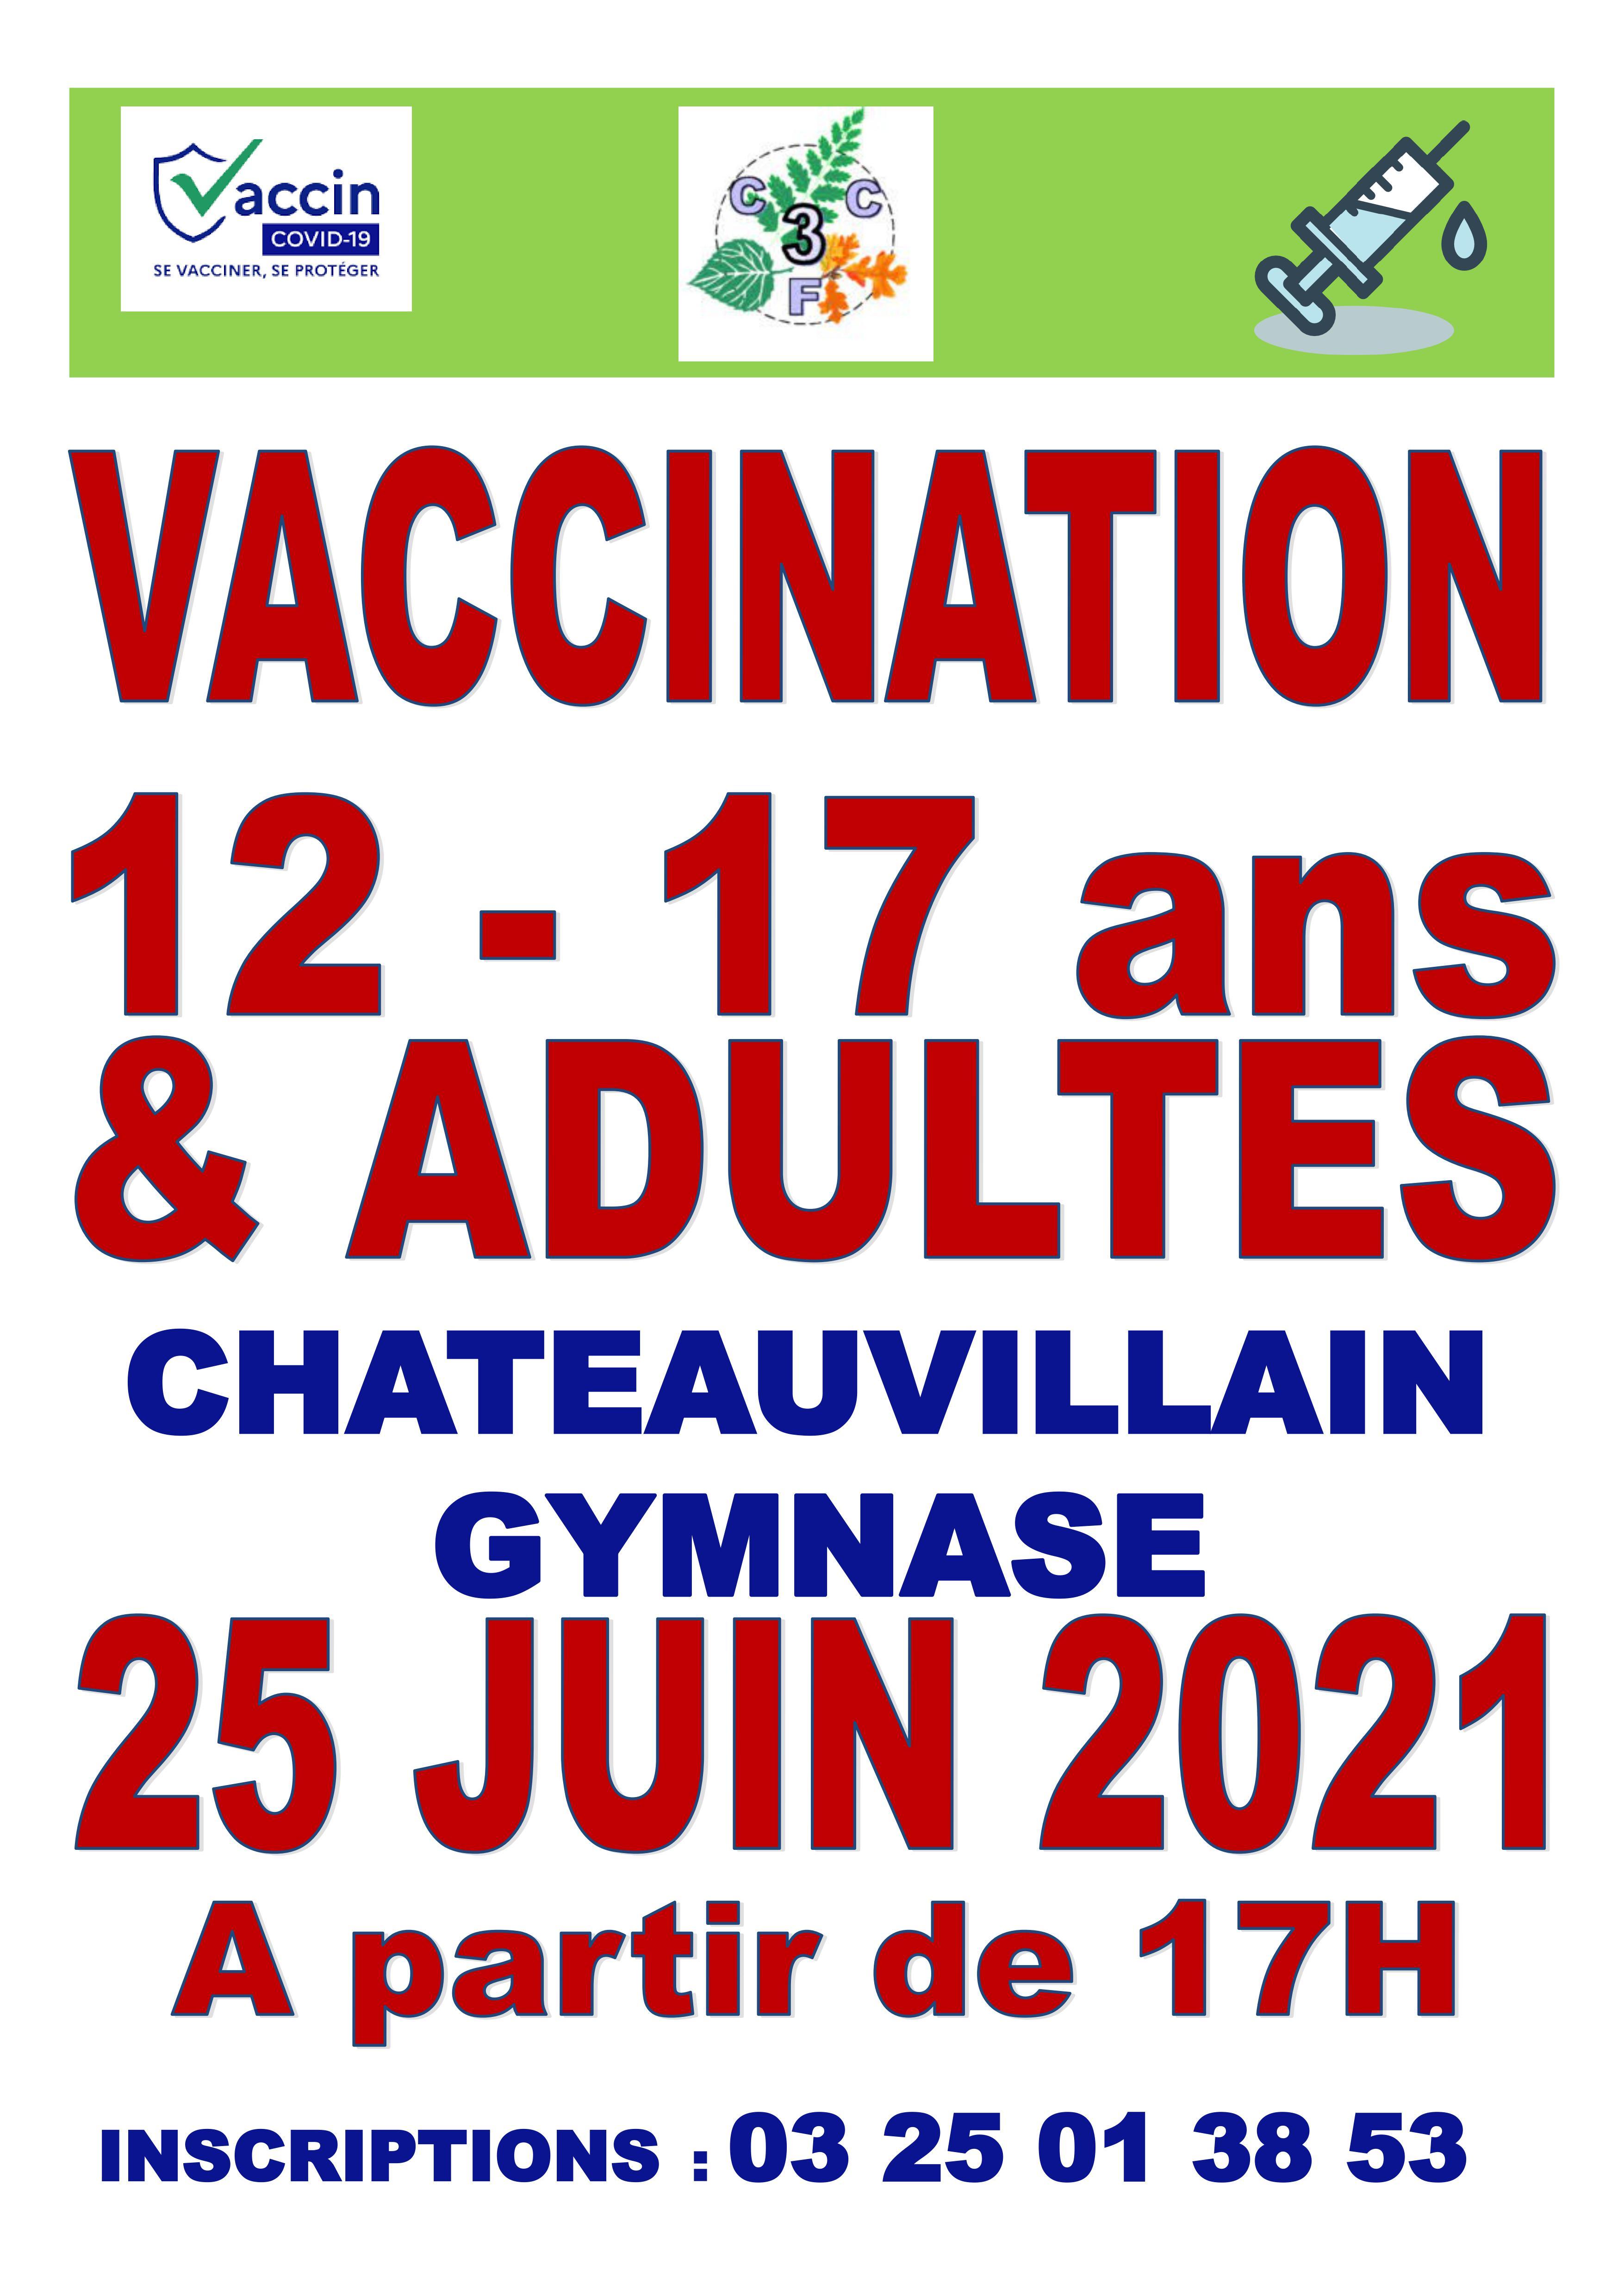 Dernière séance de vaccination à Châteauvillain le 25 juin 2021 : il reste quelques places disponibles.